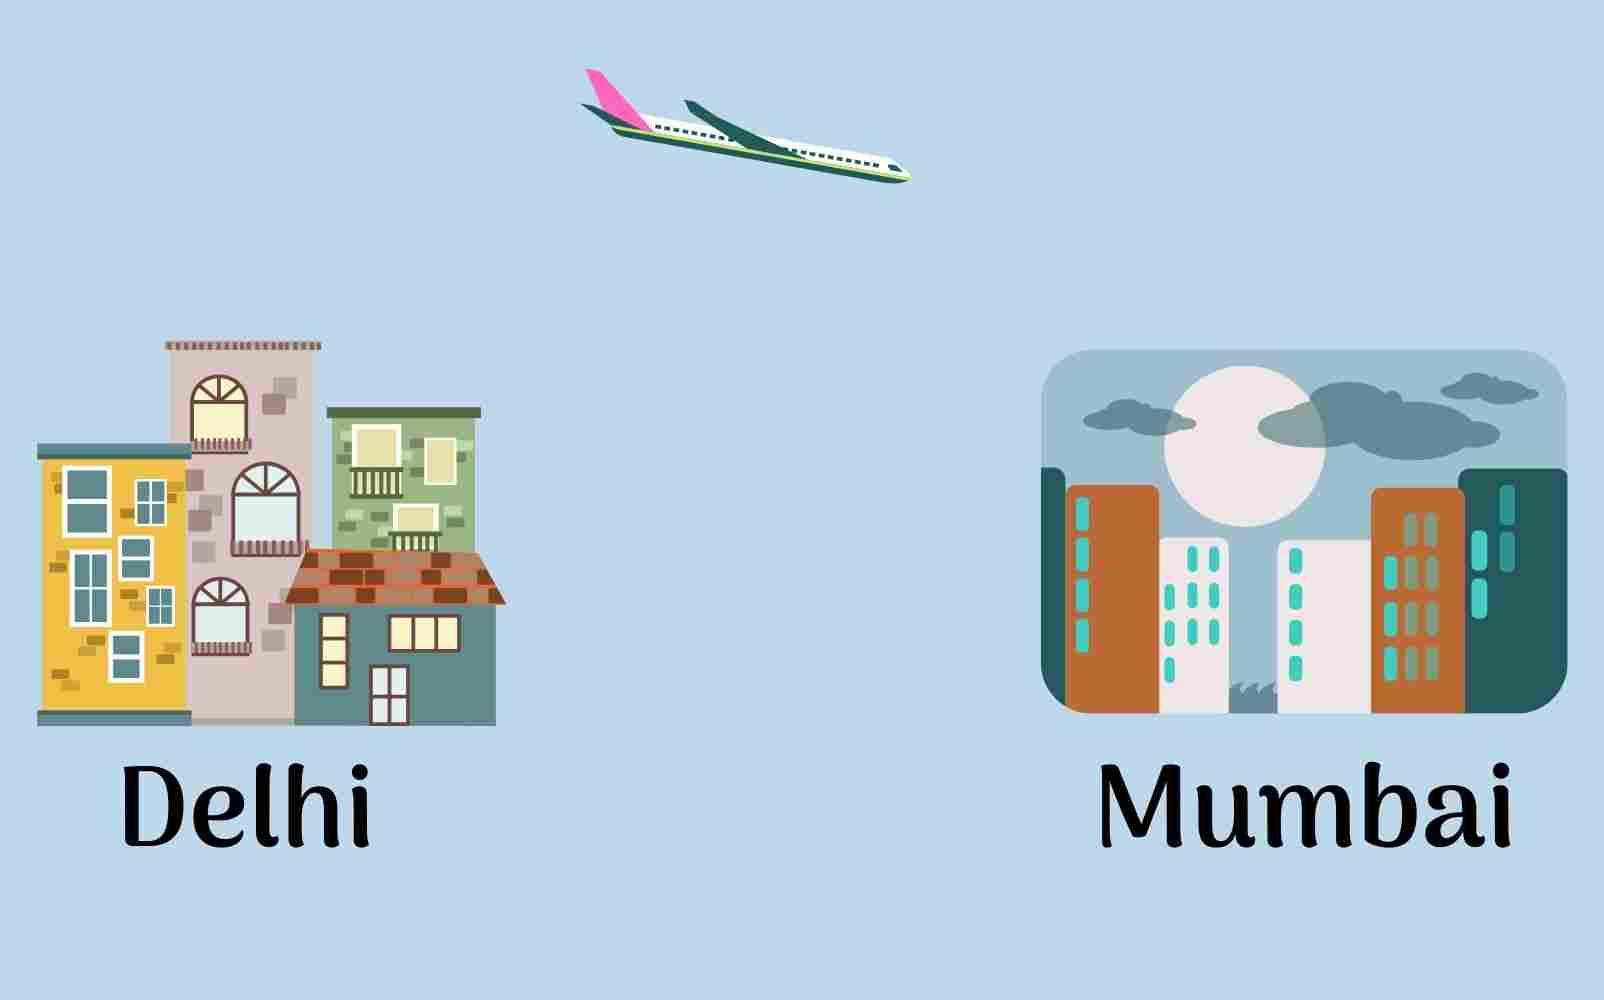 DEL BOM: Airports